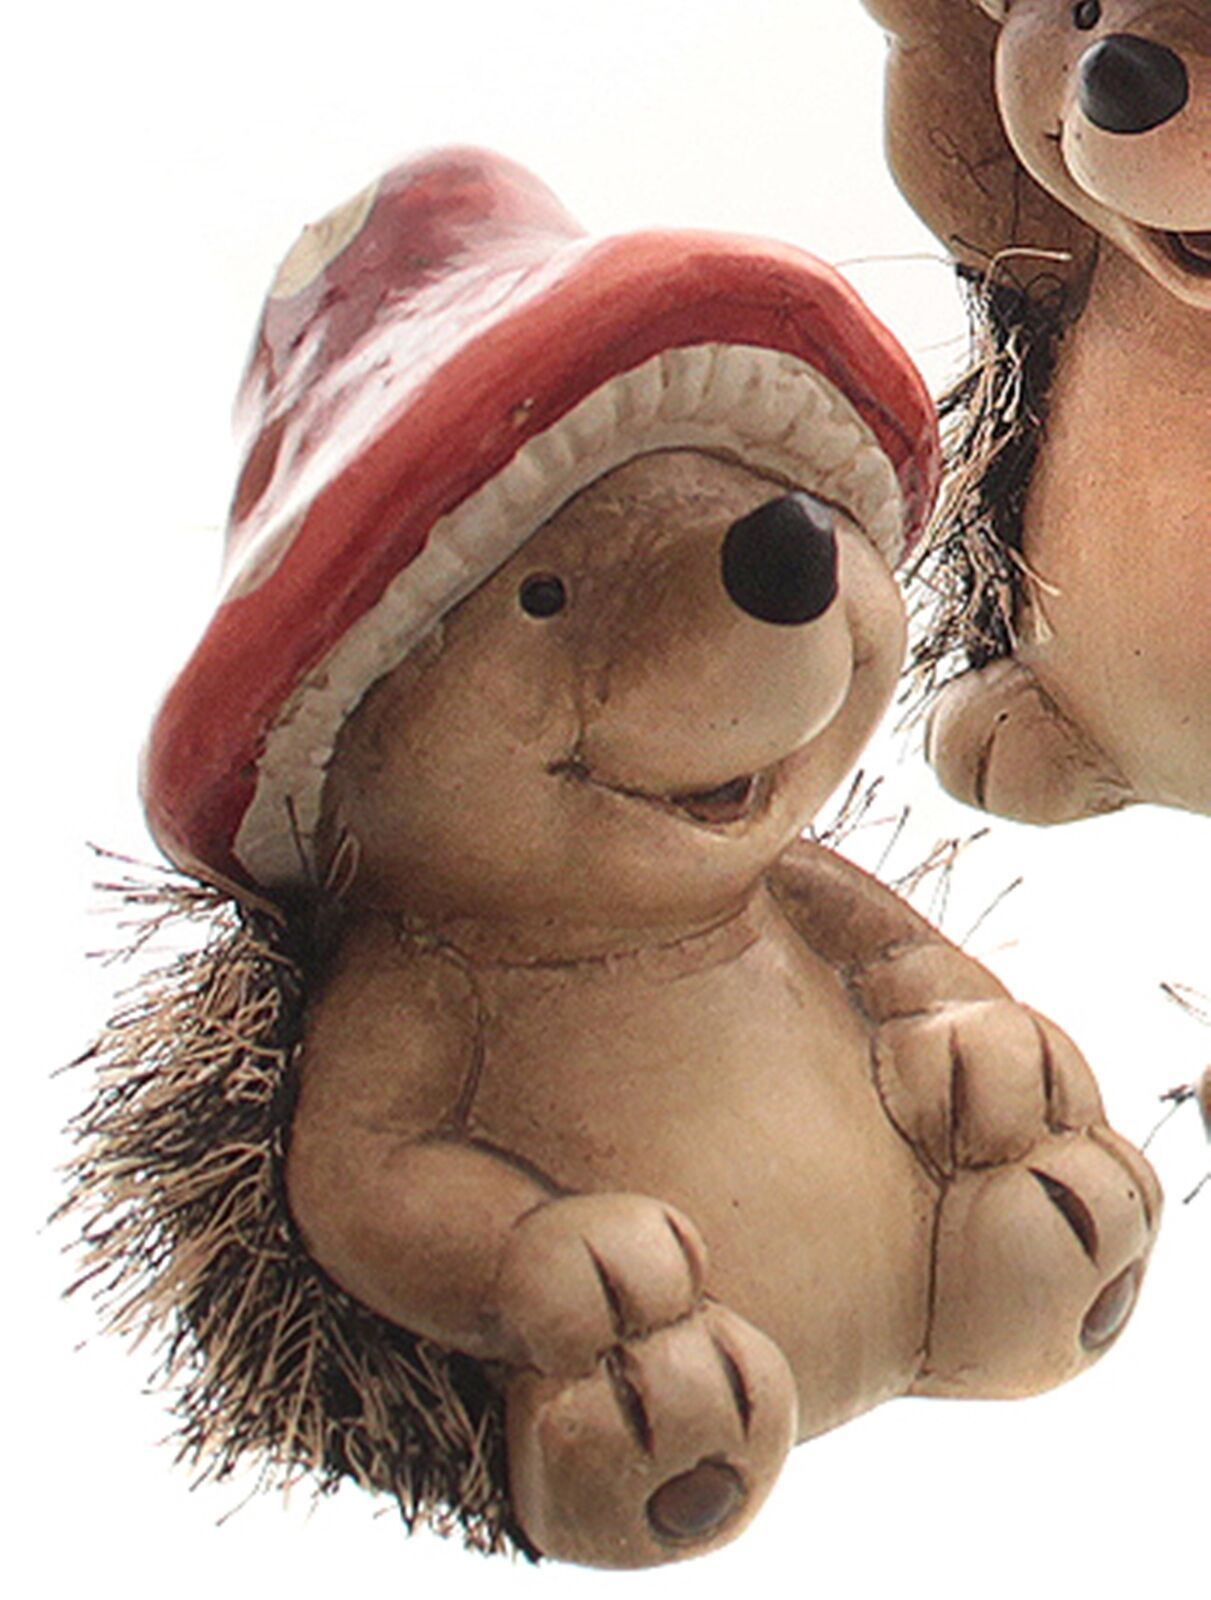 Igel Deko der kleine Igel mit Kunstfell und Pilzhut Winterdeko Deko Herbst 7,5cm